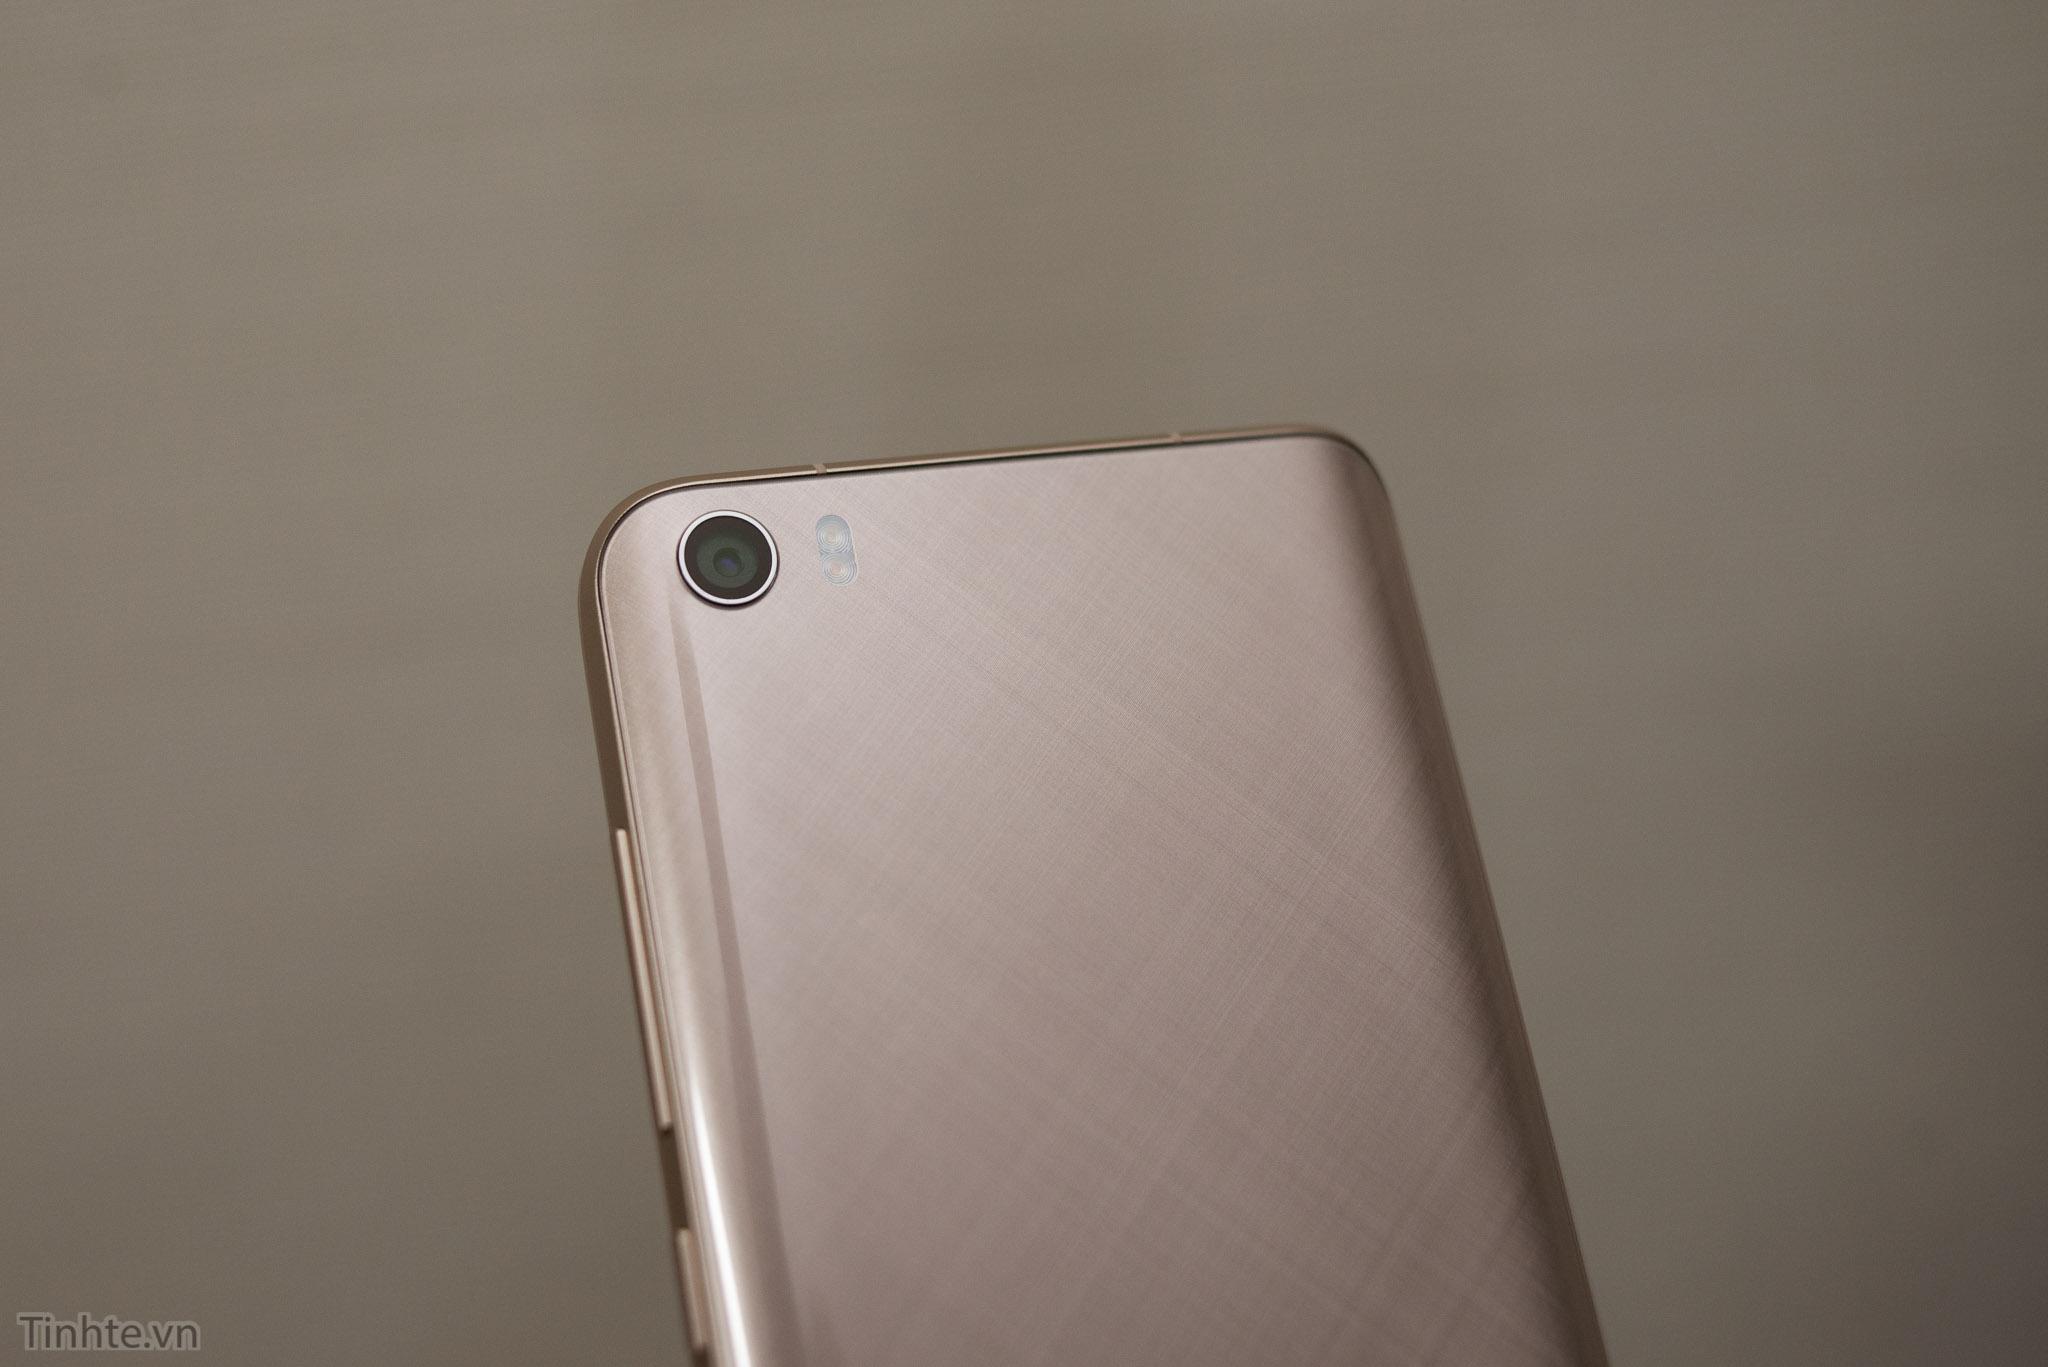 Xiaomi_Mi5_chinh_hang_tren_tay_tinhte.vn-9.jpg